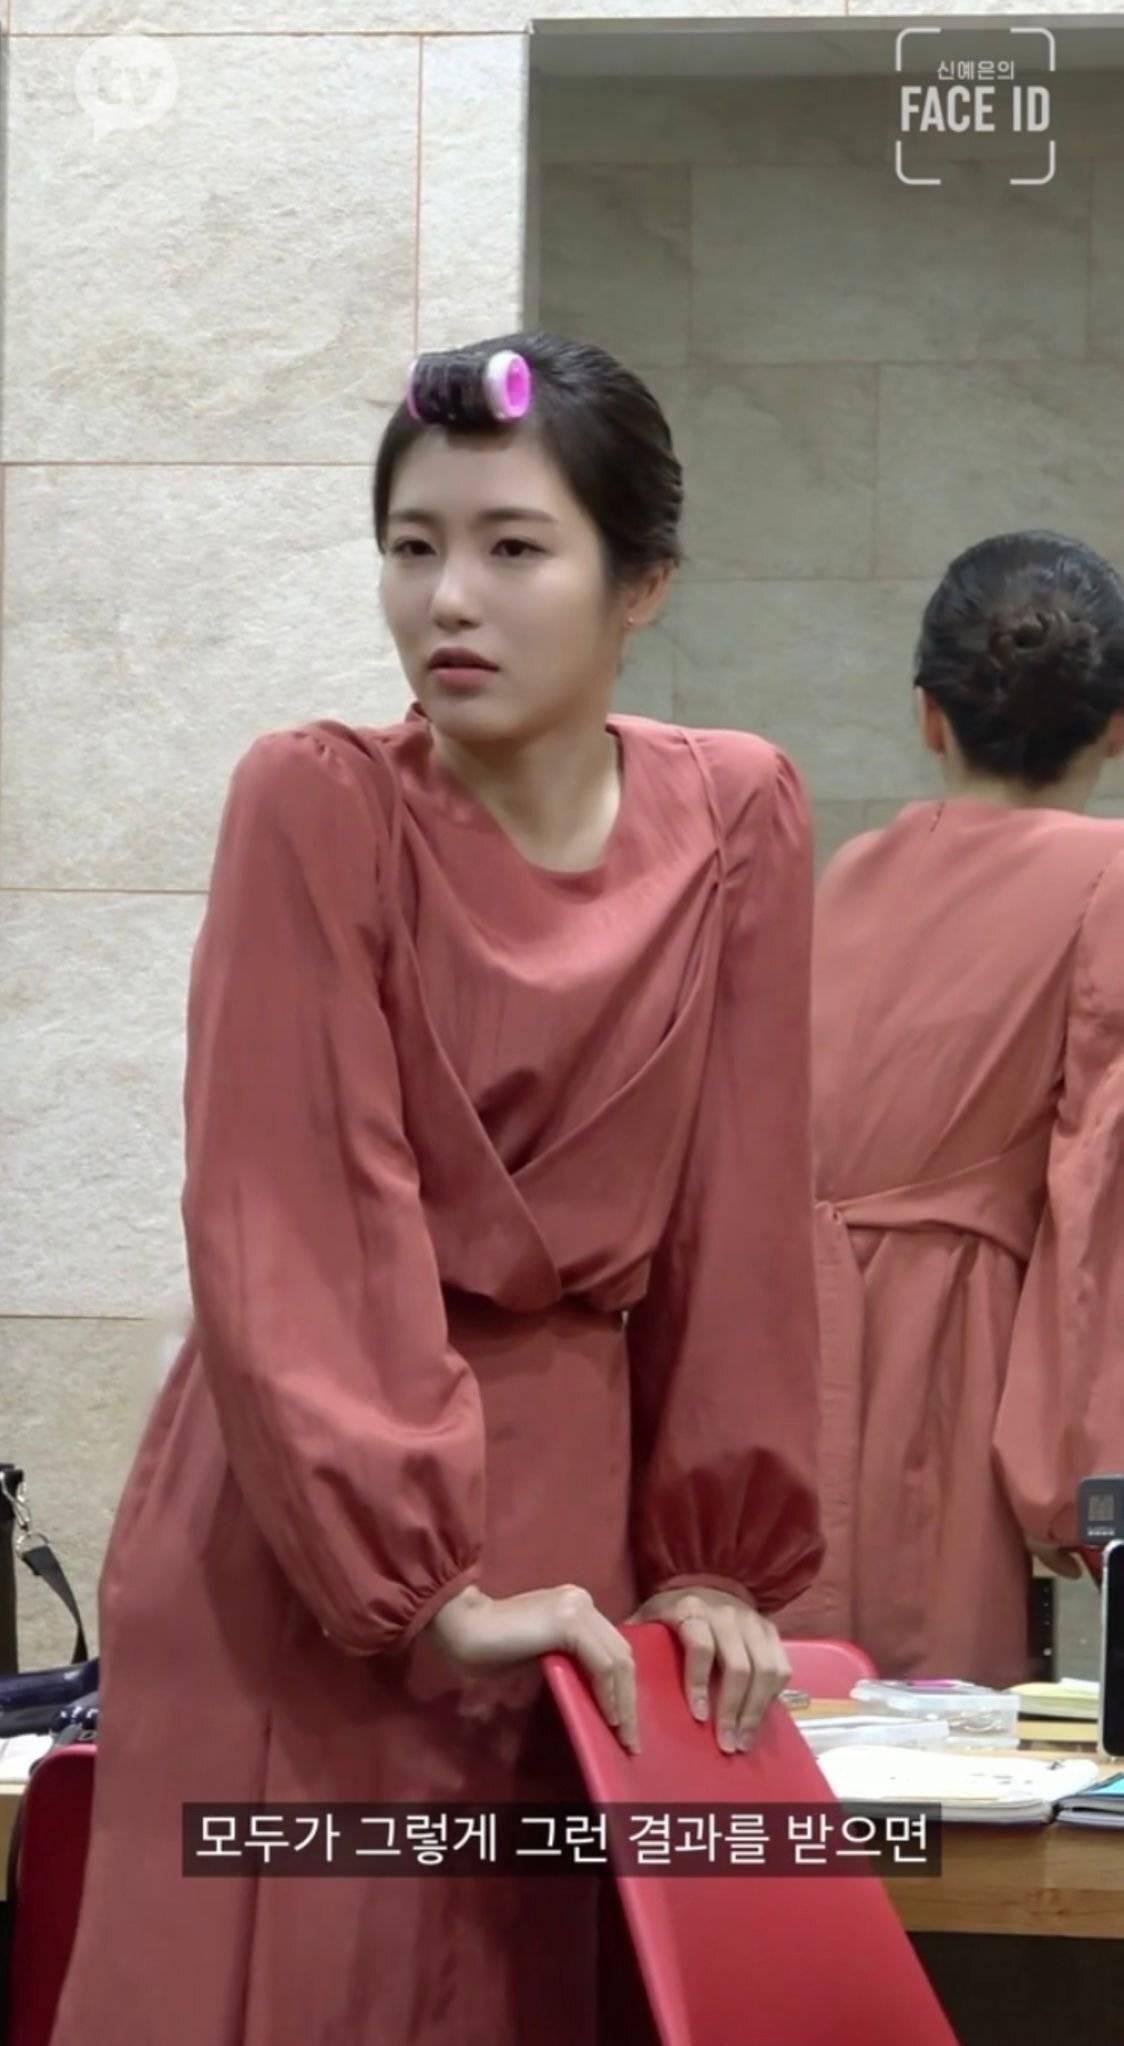 시청률 1% 드라마 주연배우가 느끼는 부담감.jpg | 인스티즈